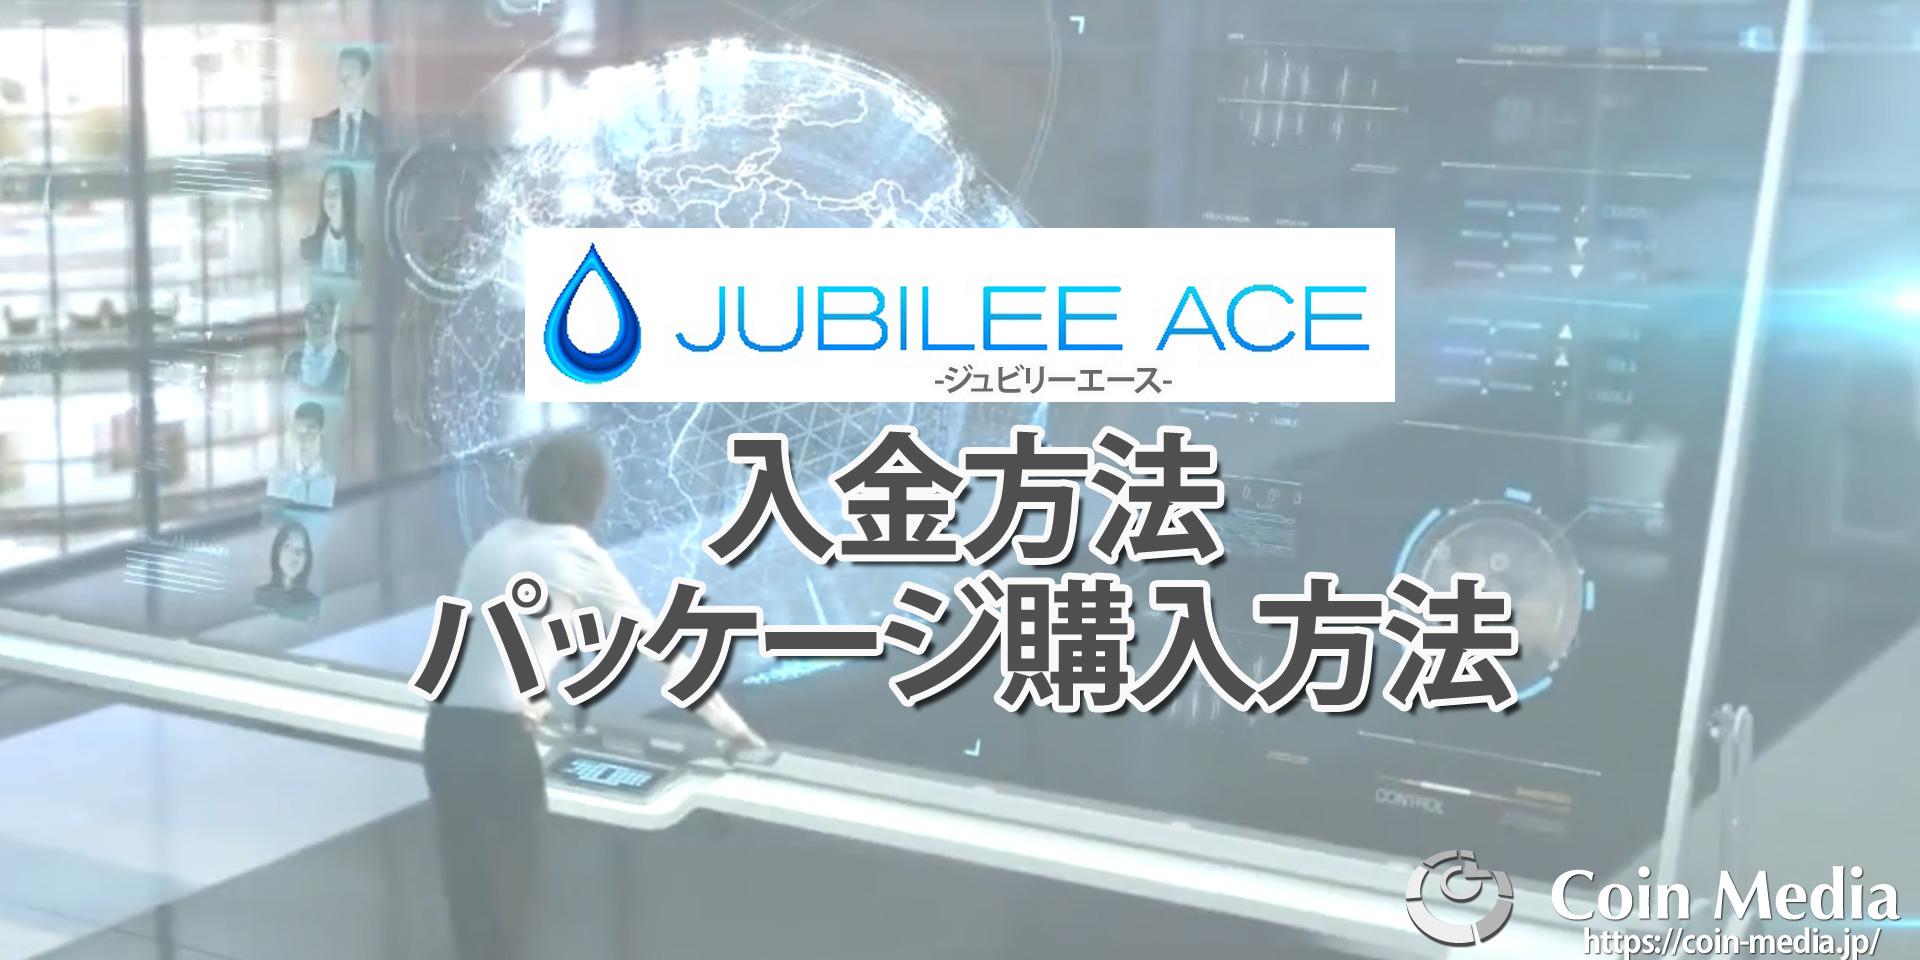 ジュビリーエース(jubileeace)の入金方法、パッケージ購入方法